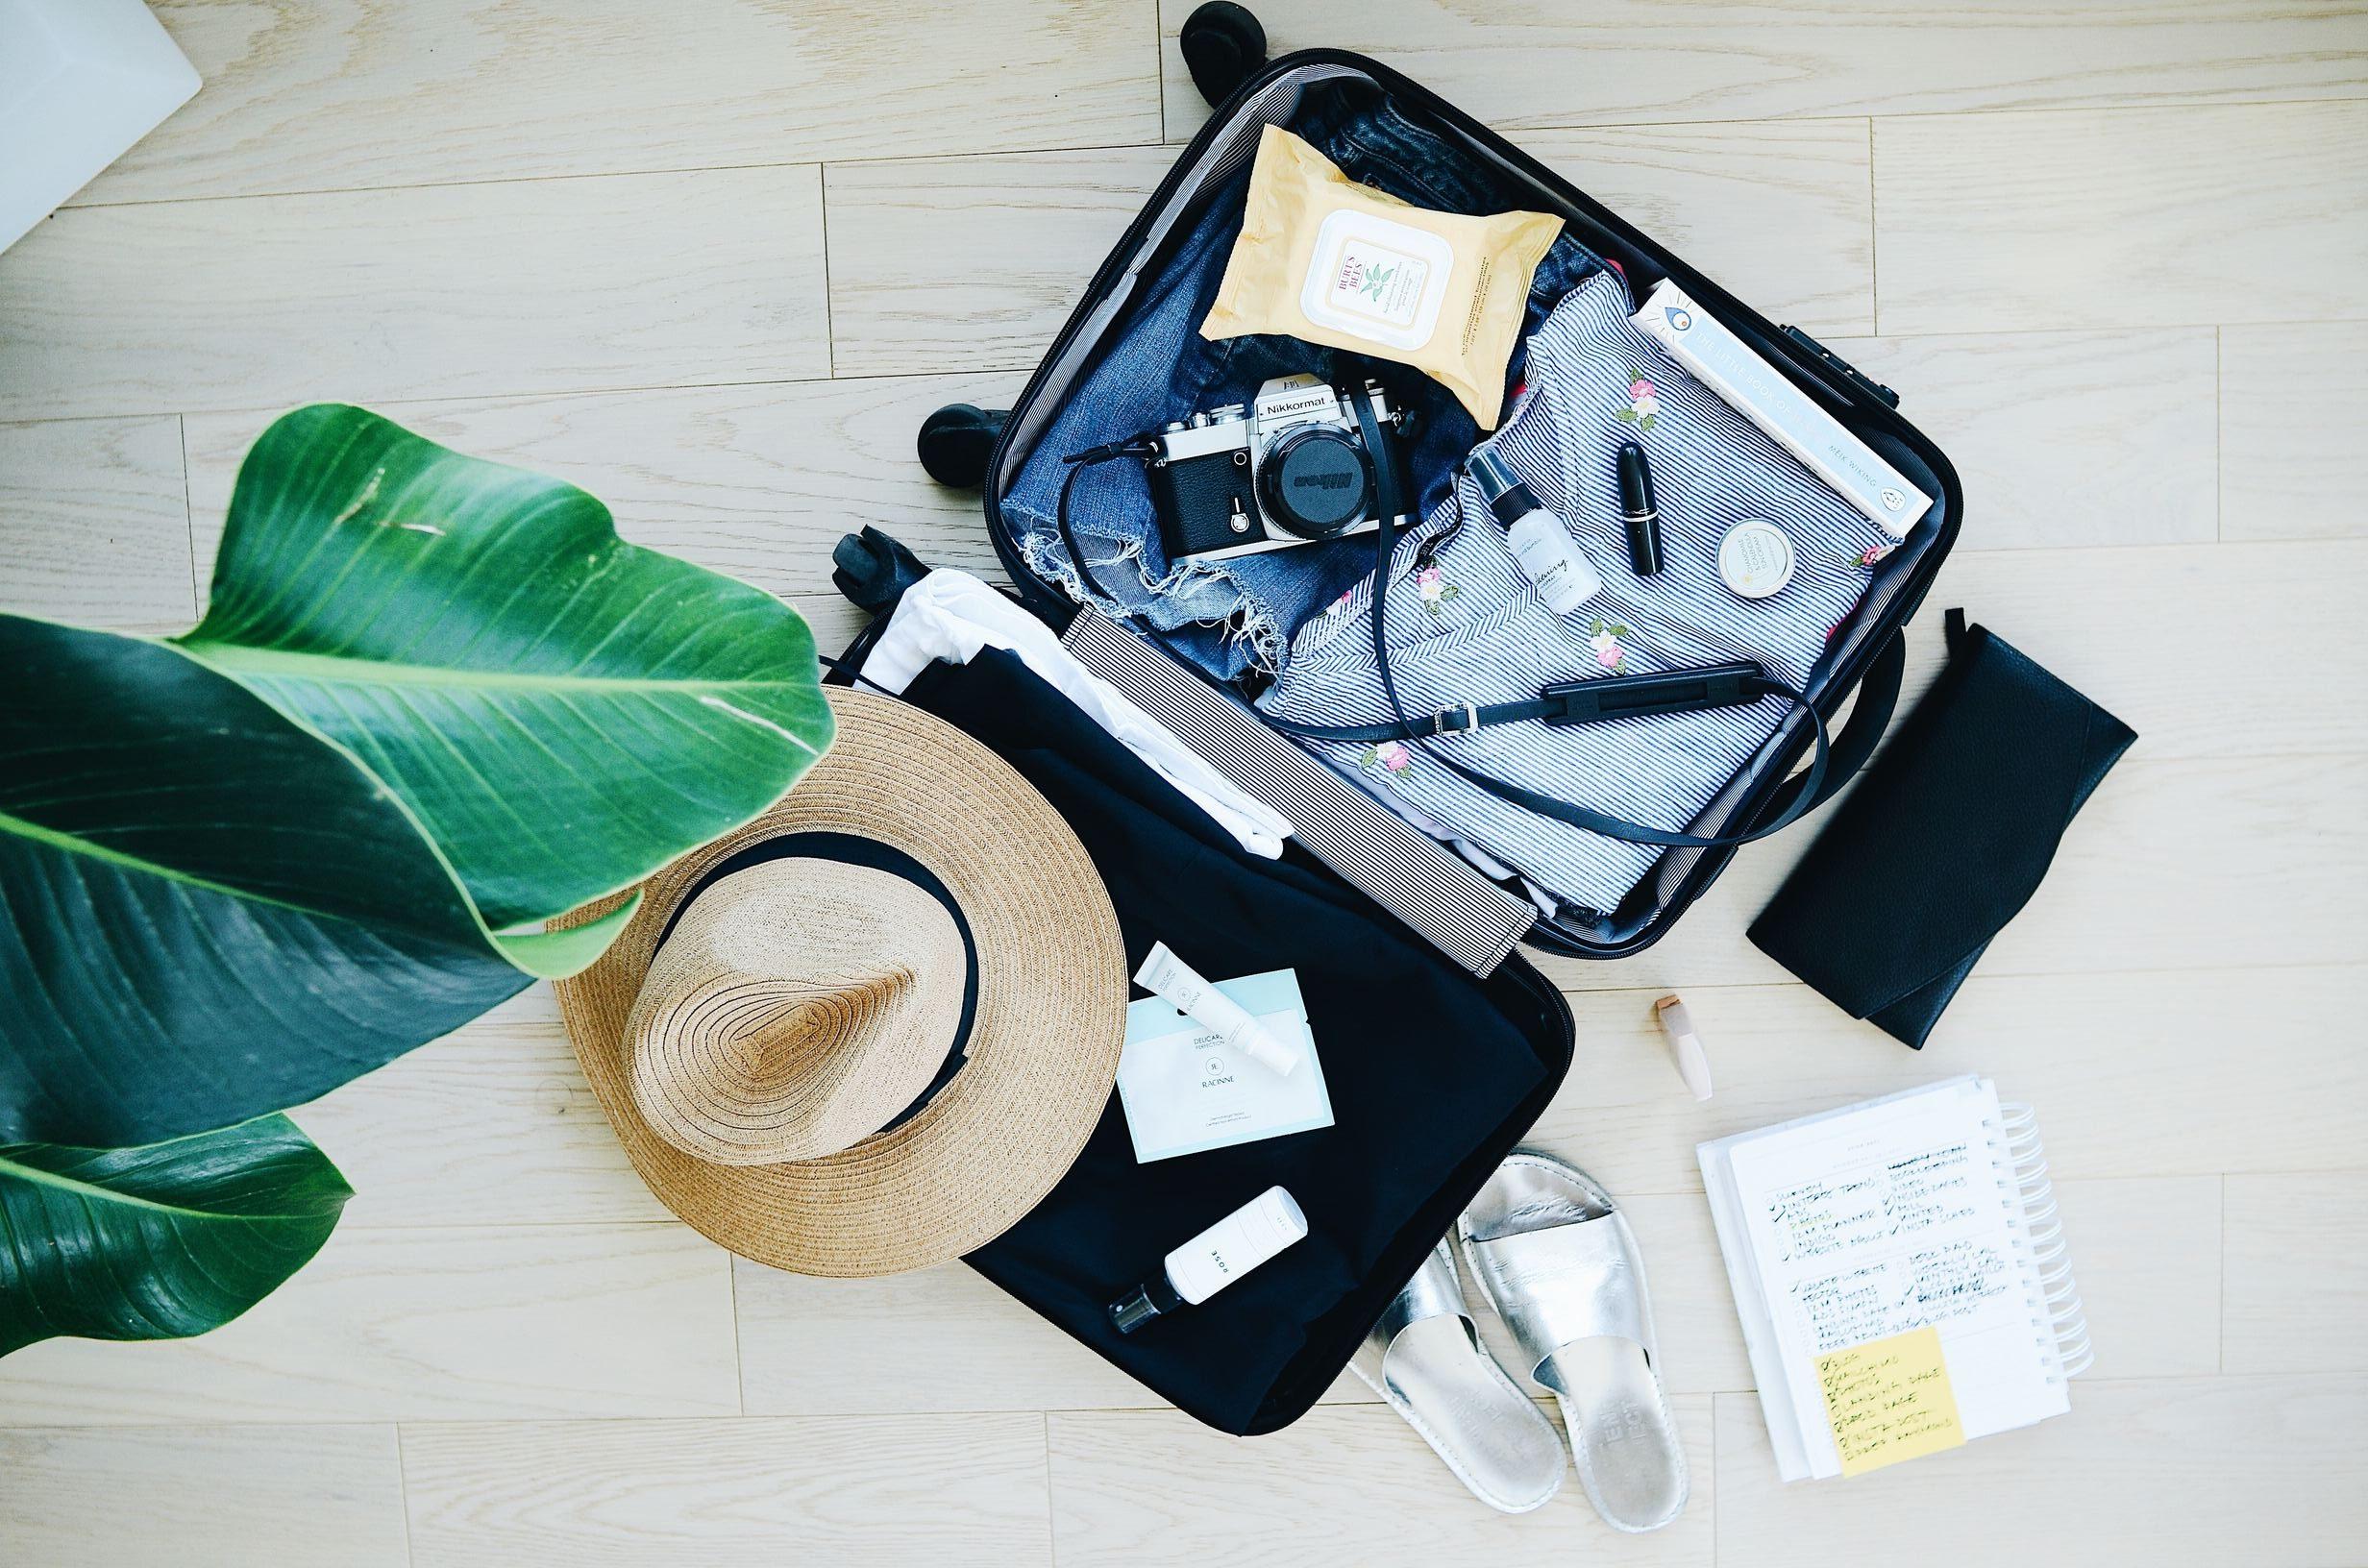 Mindful travel: holiday suitcase